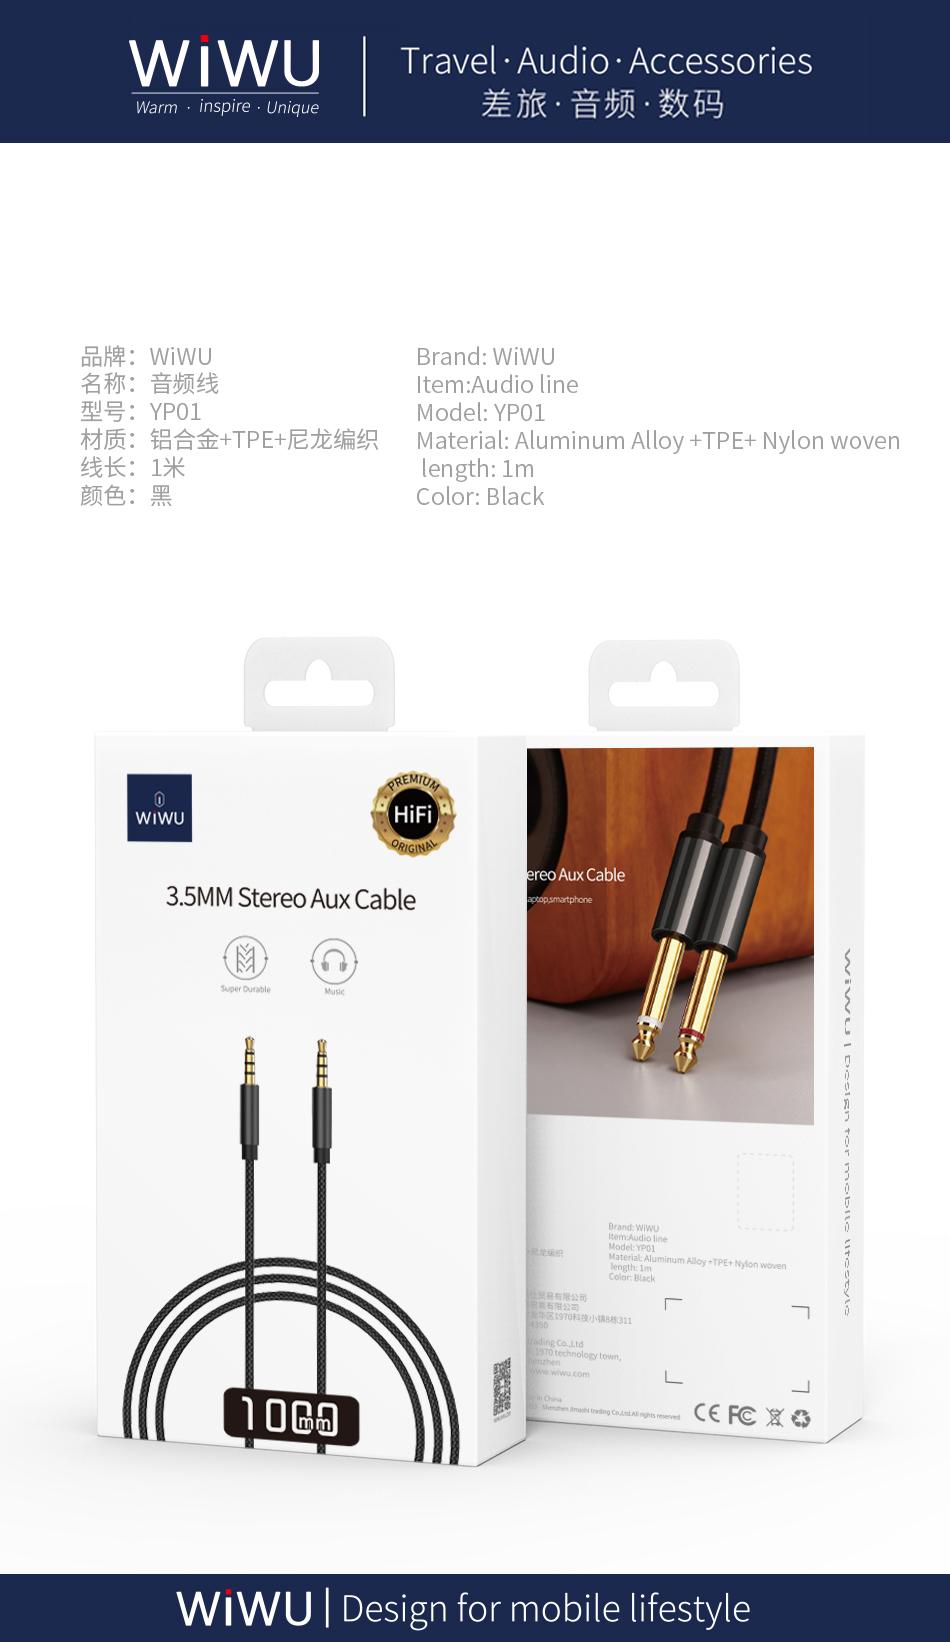 WiWU 3.5mm 音频数据线 YP01 (https://www.wiwu.net.cn/) 数据线 第4张